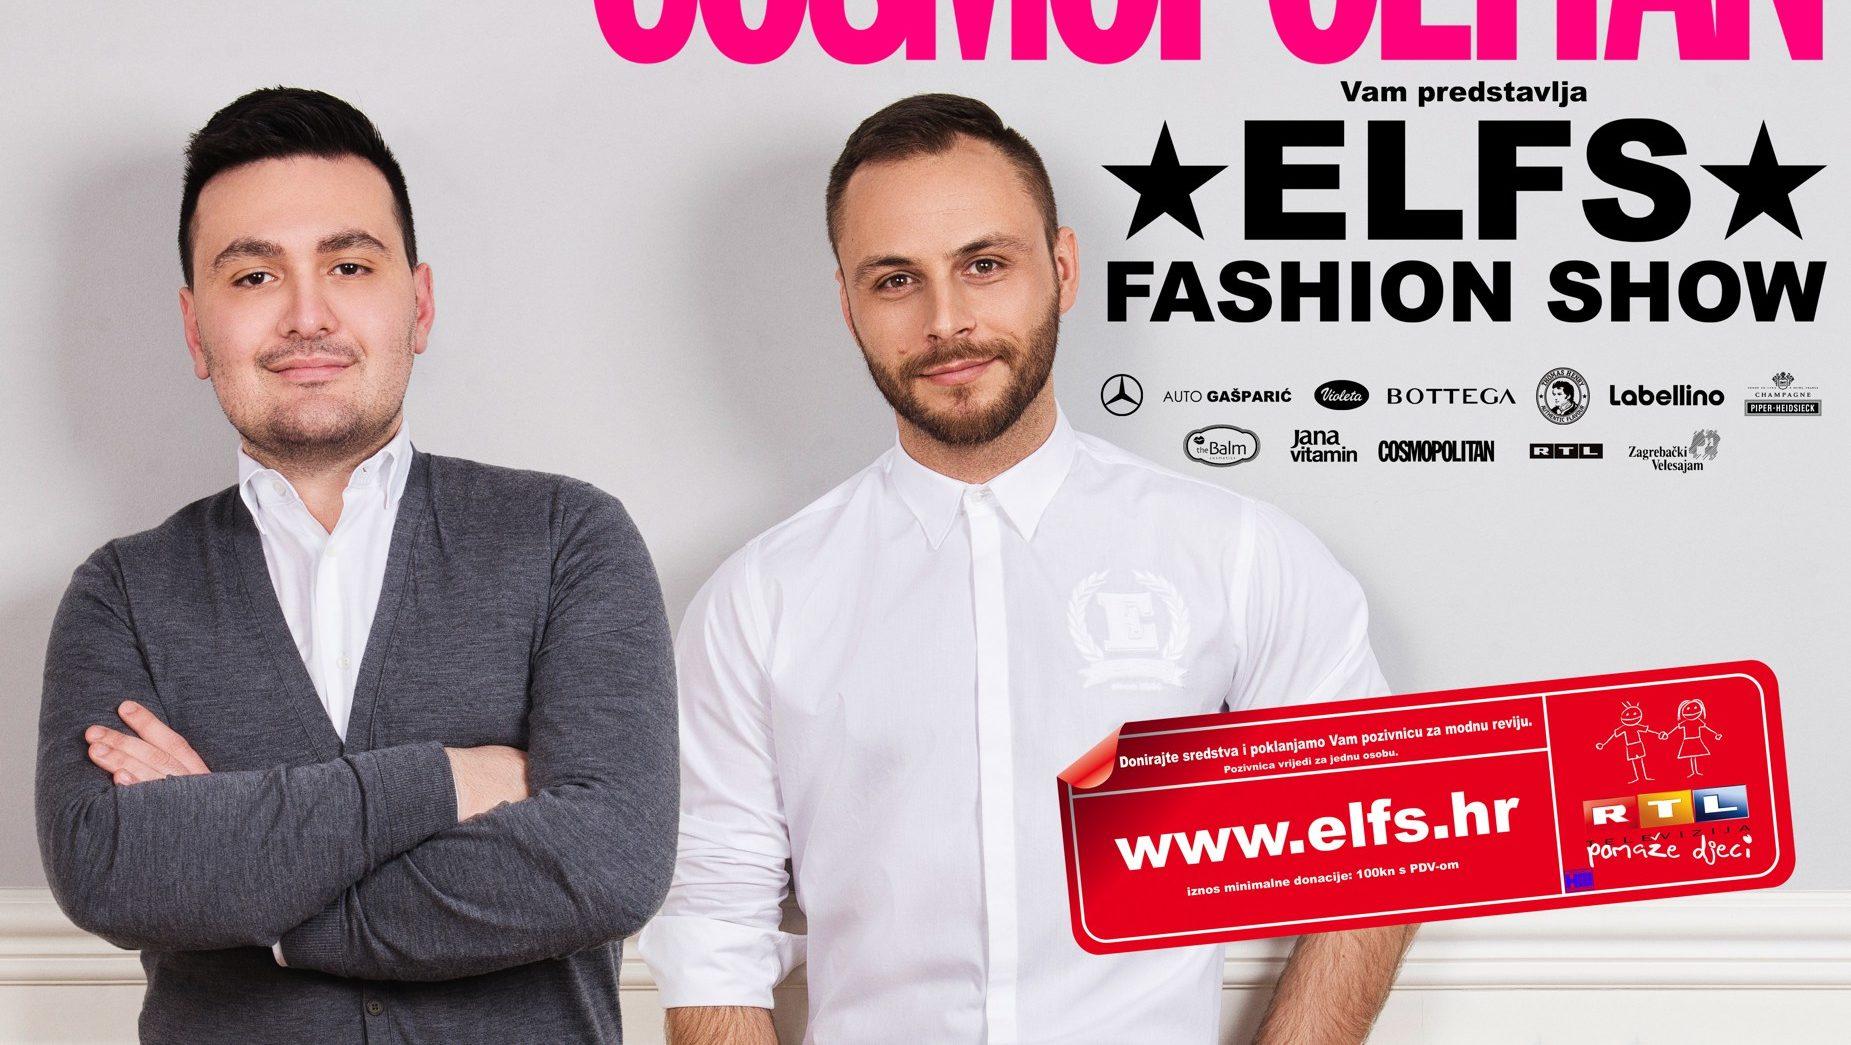 FOTO: Modni dvojac ELFS najavljuje samostalnu reviju humanitarnog karaktera